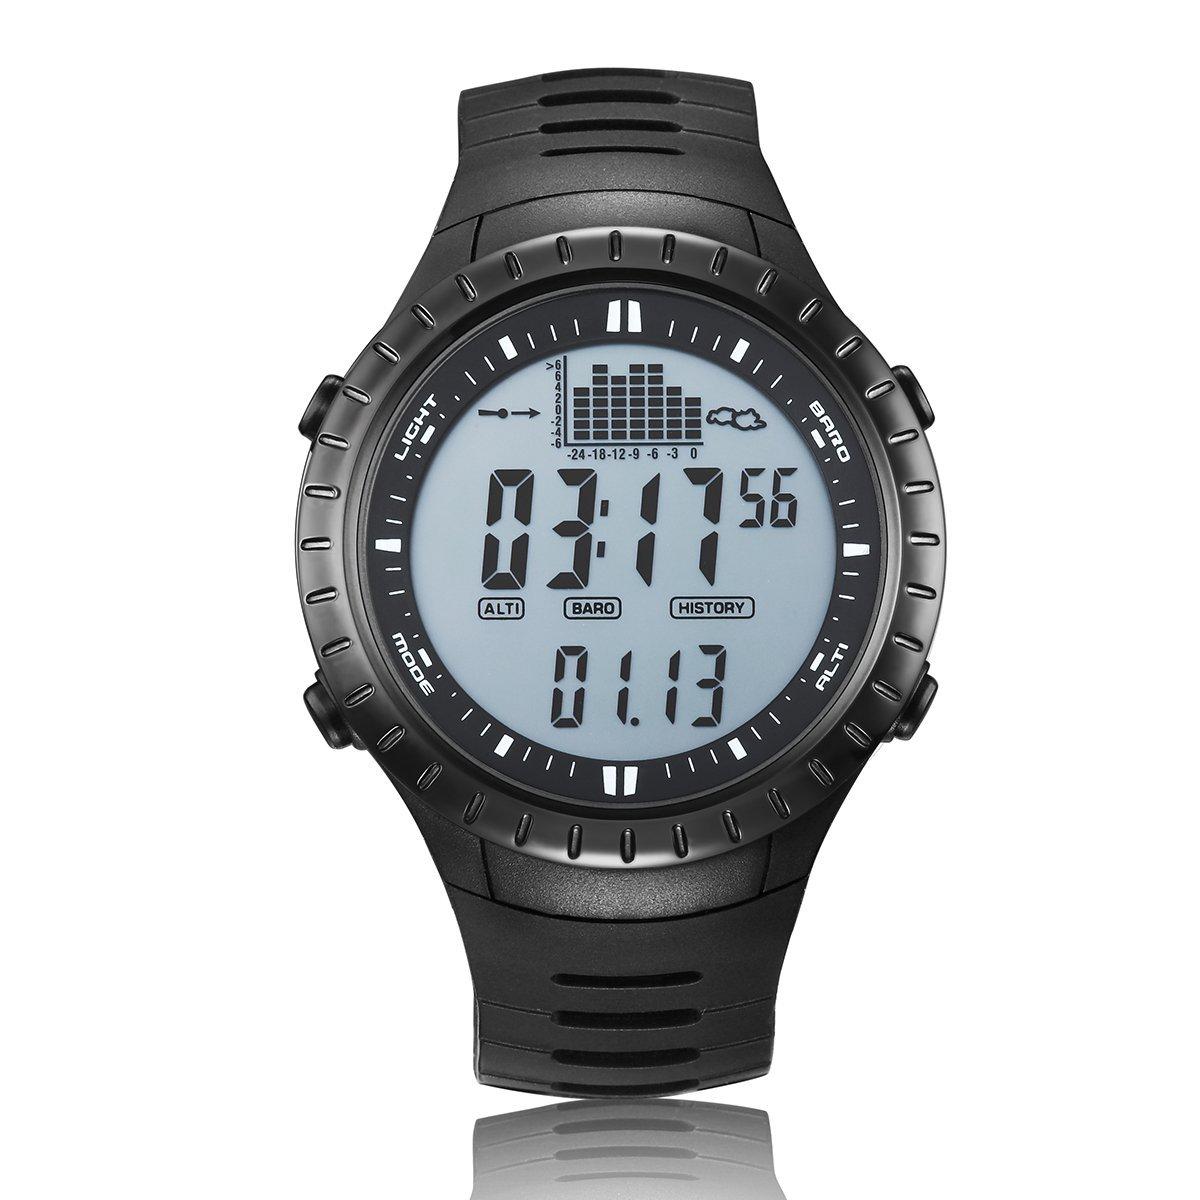 JUSHENG Spovan Multi function Men White Sports Alarm Altimeter Fishing Quartz Watches Electronic Fishing Barometer by JUSHENG